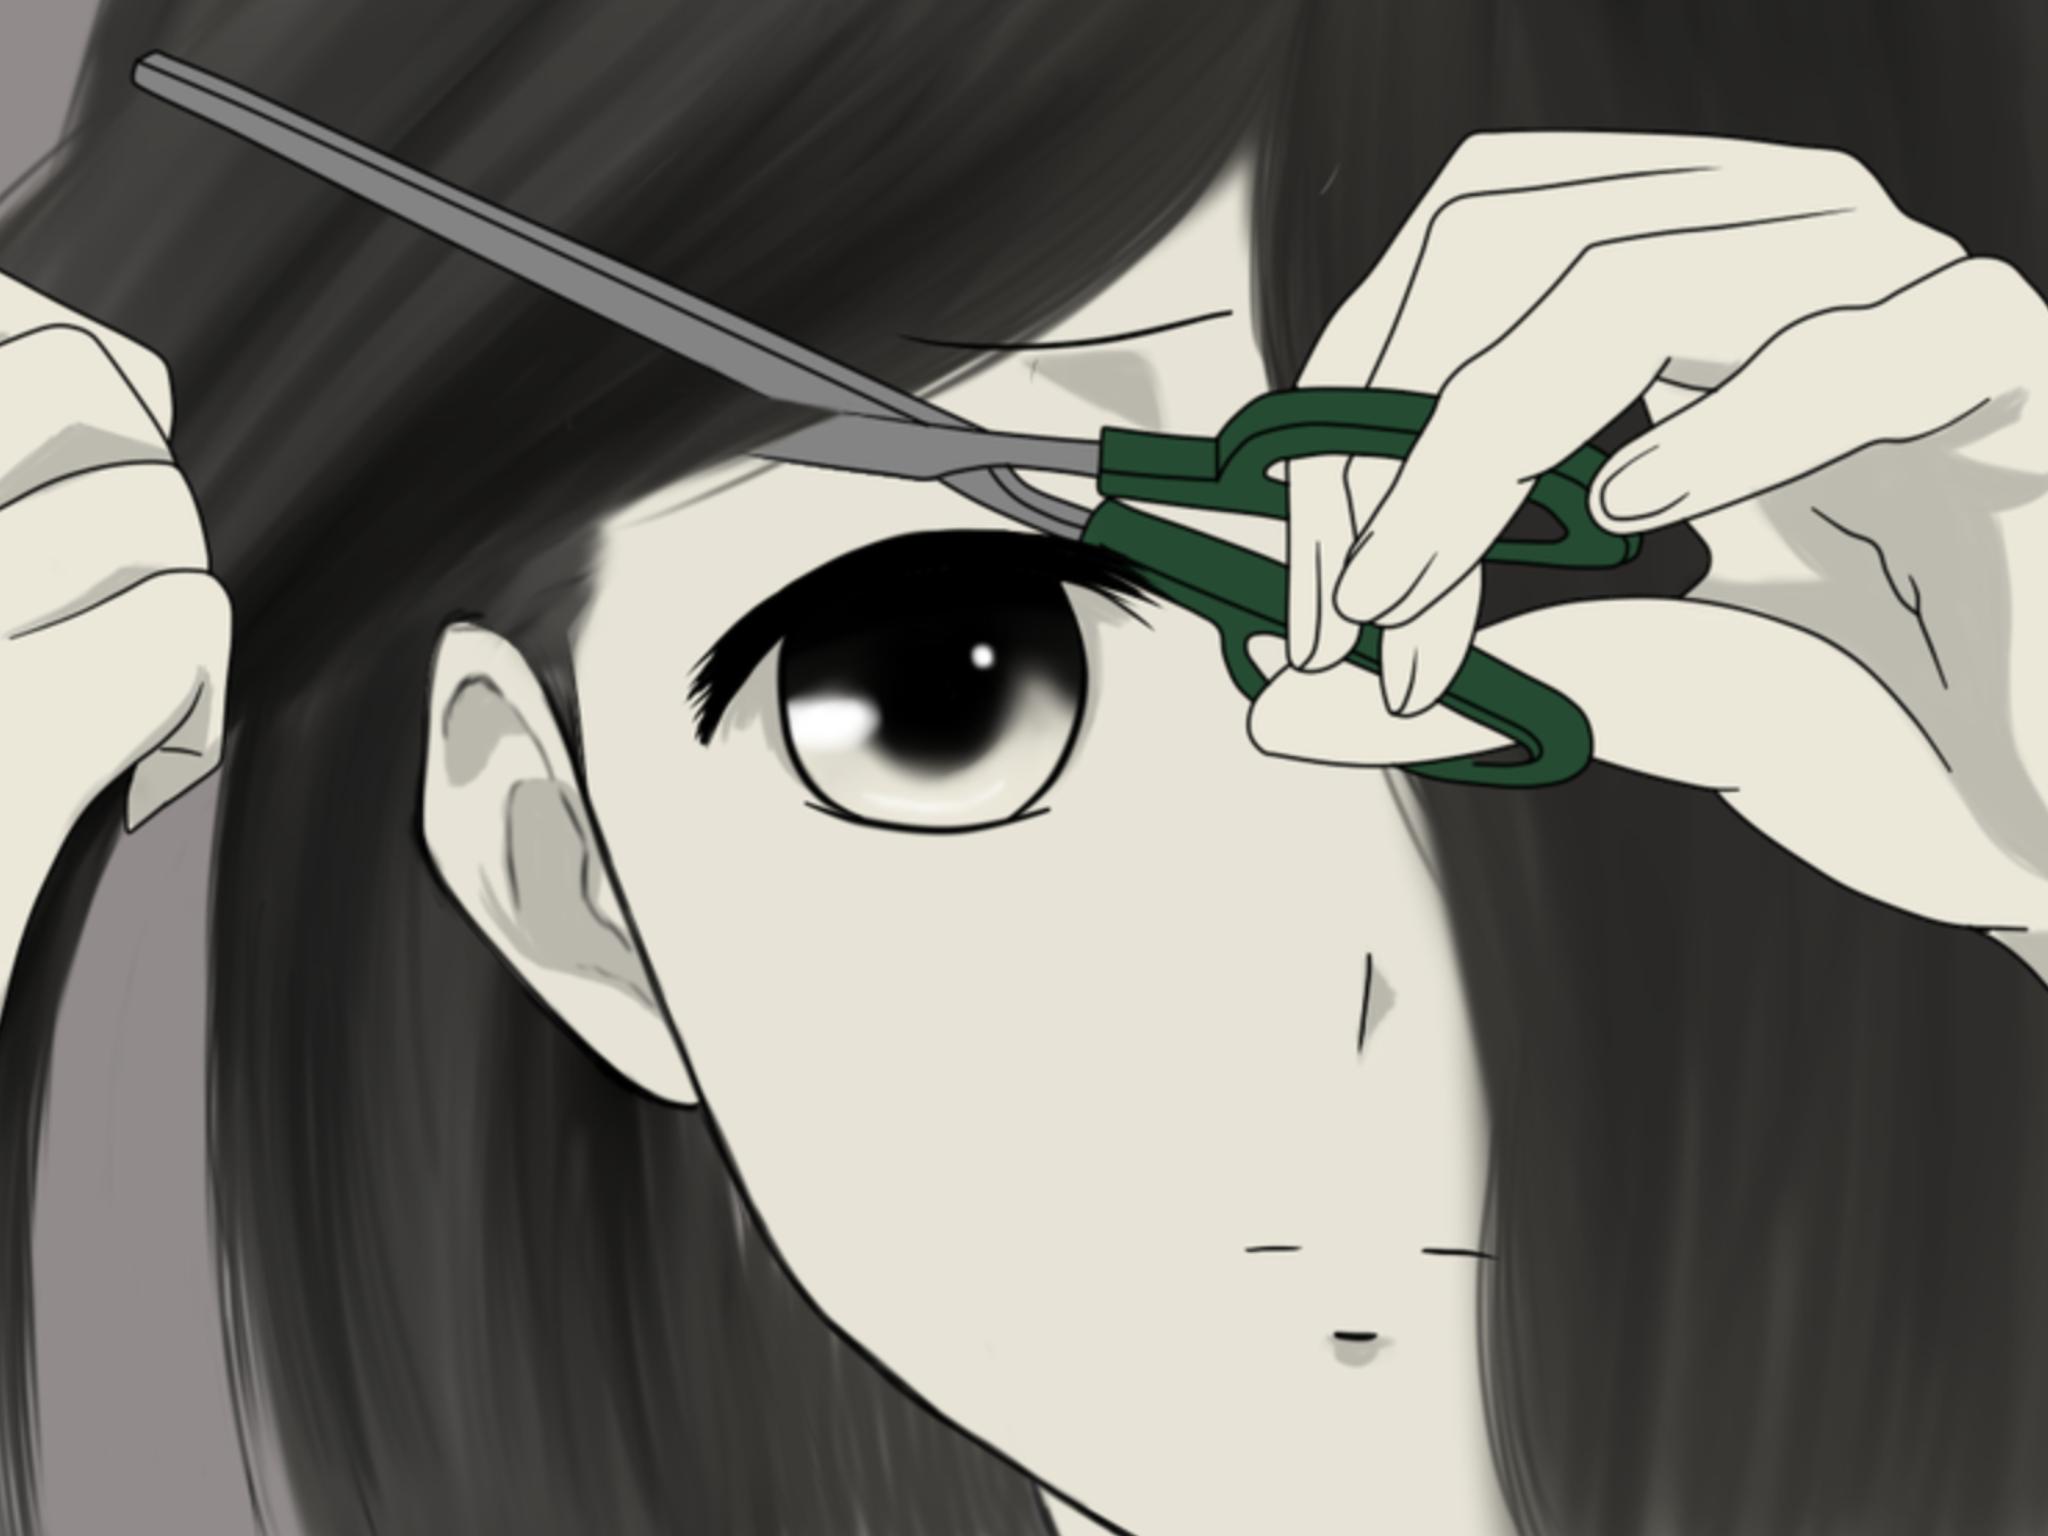 Izumiko Suzuhara